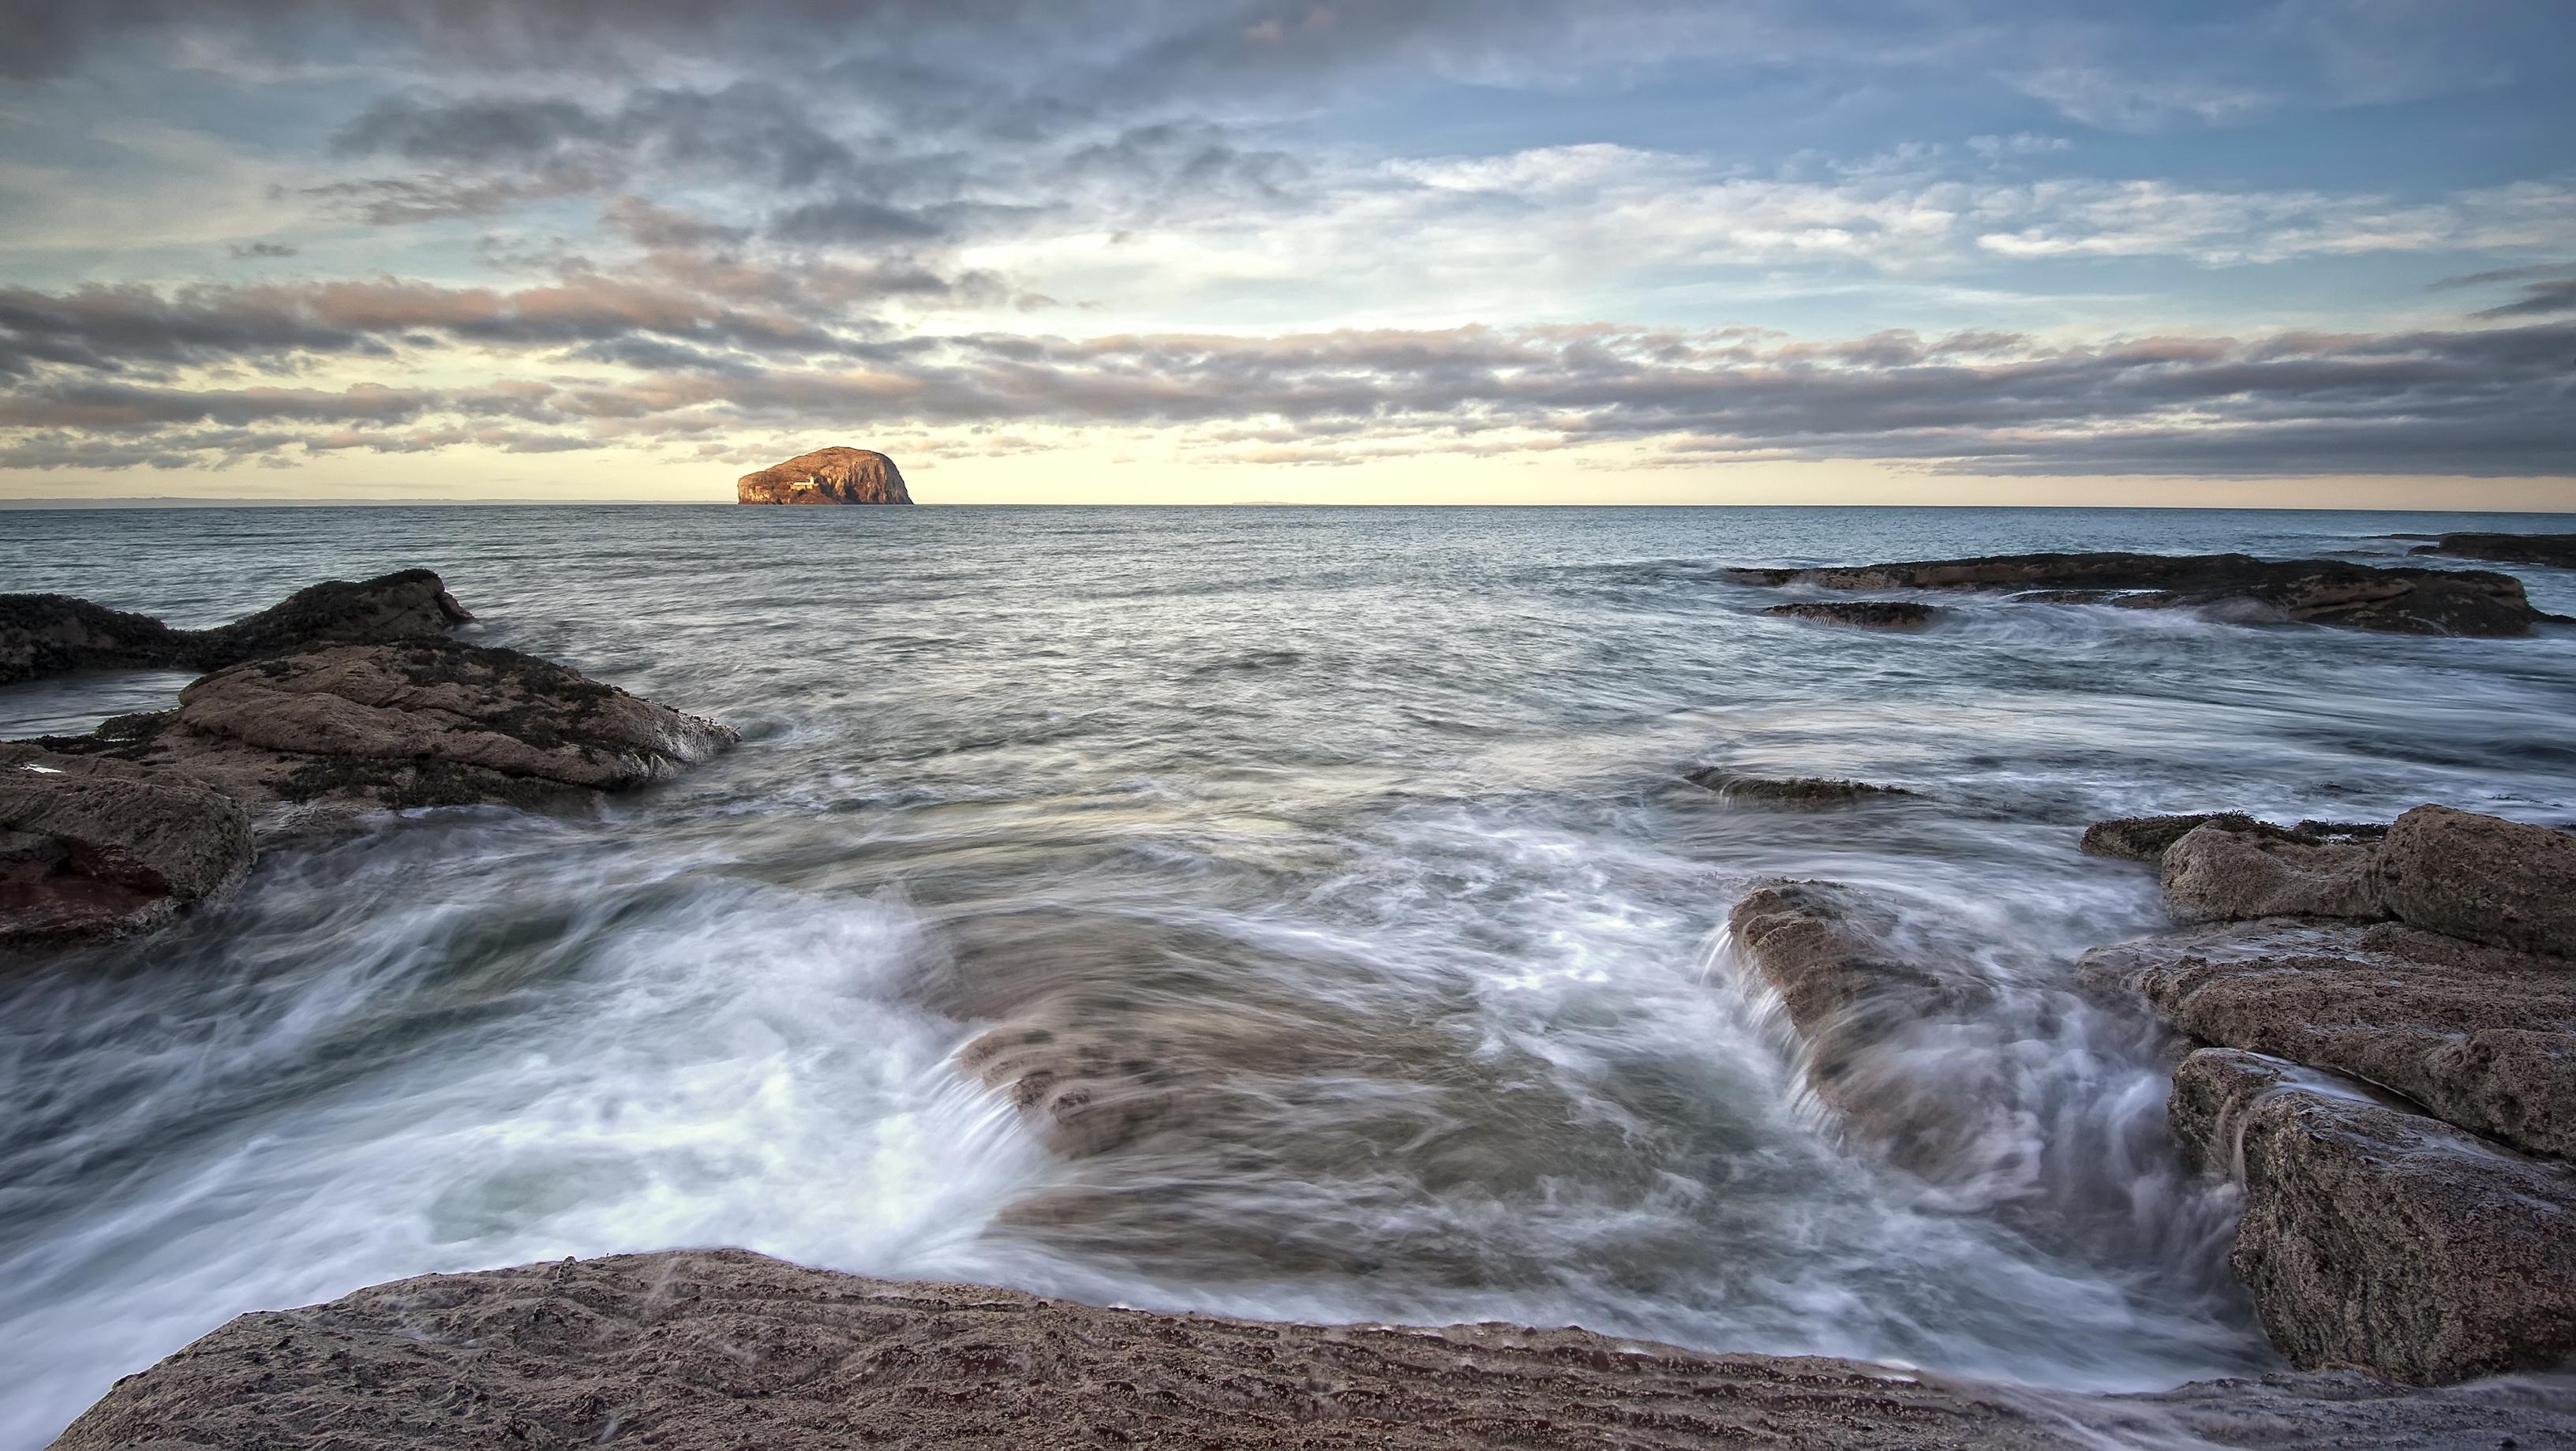 104808 Hintergrundbild herunterladen Landschaft, Natur, Küste, Schottland, Nordberwick, North Berwick - Bildschirmschoner und Bilder kostenlos